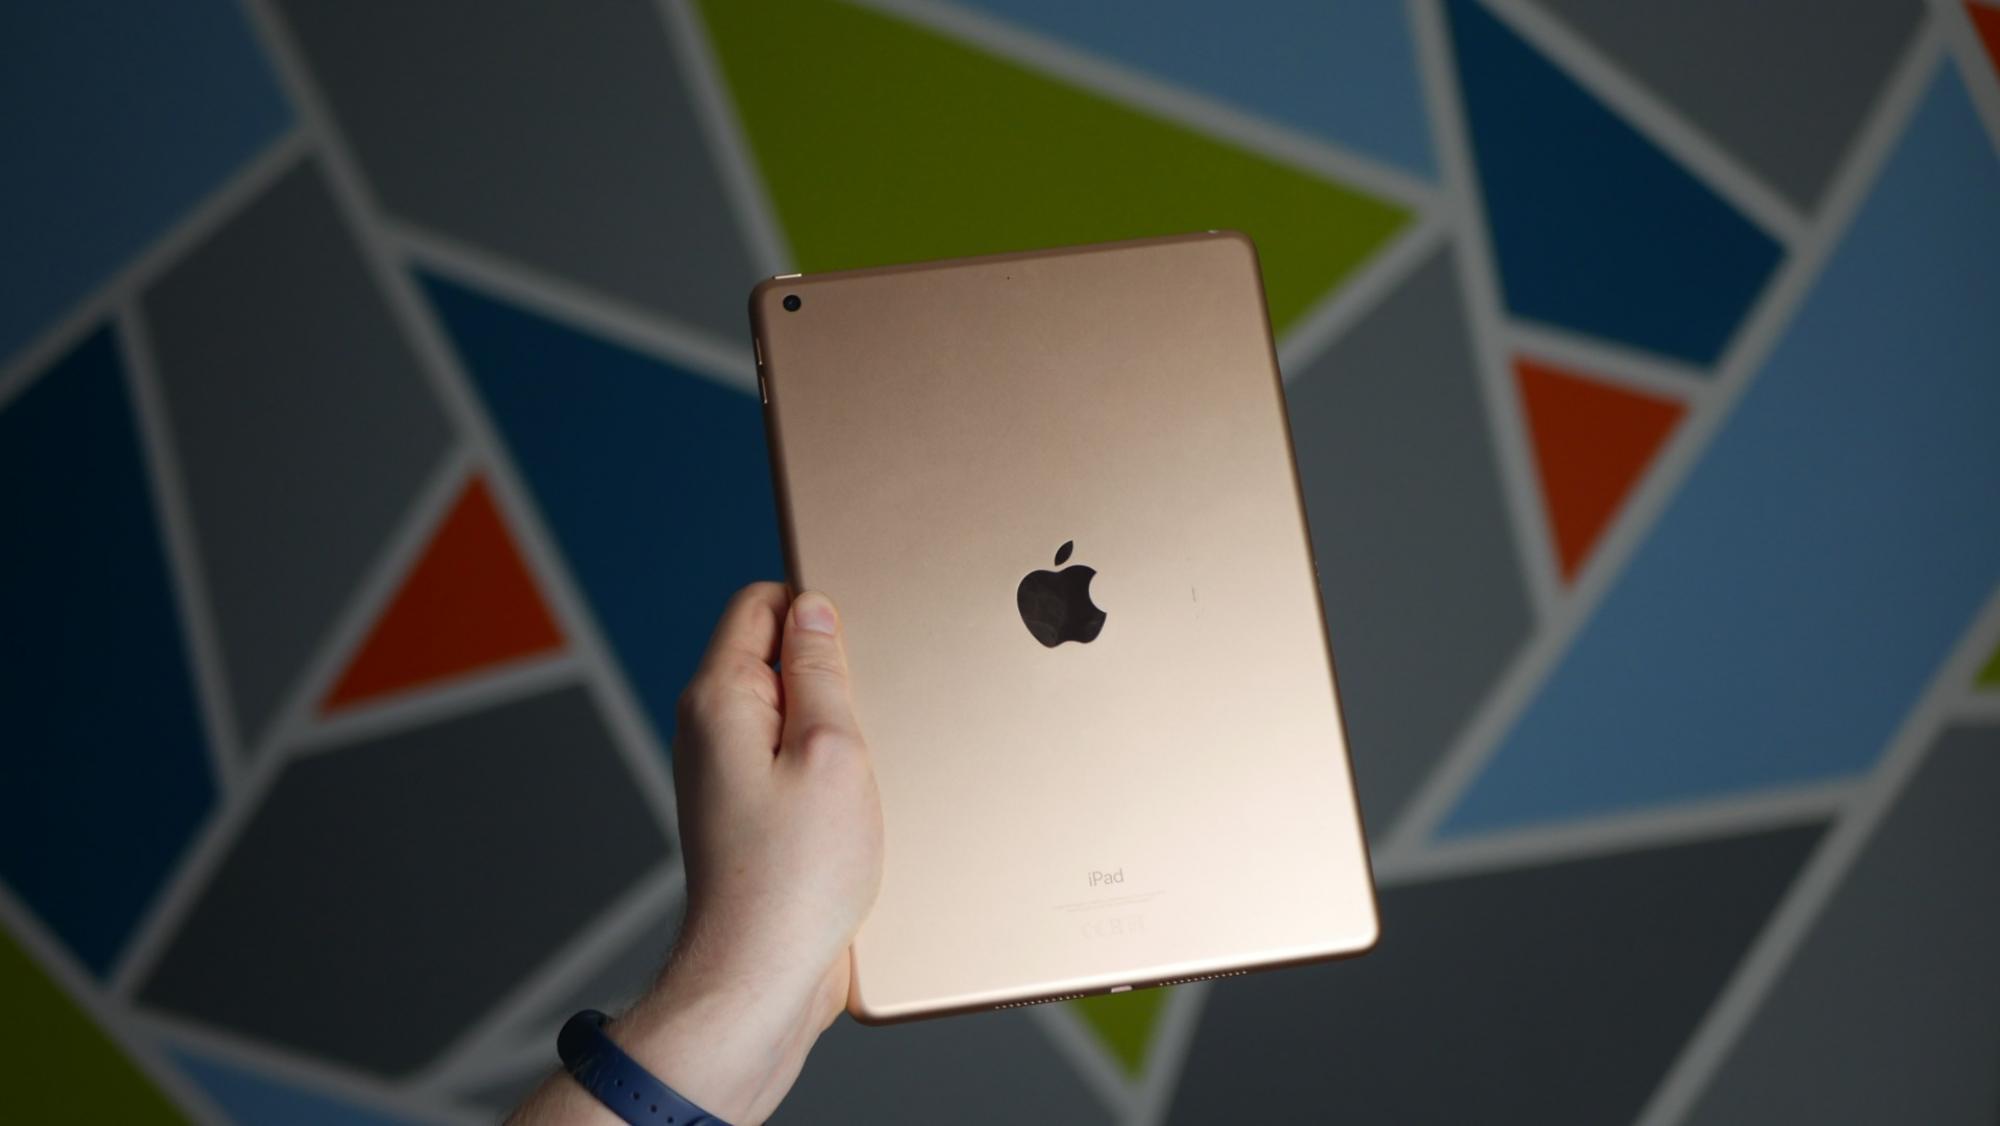 Dobre wieści! Nowy iPad Air może być tańszy od poprzednika